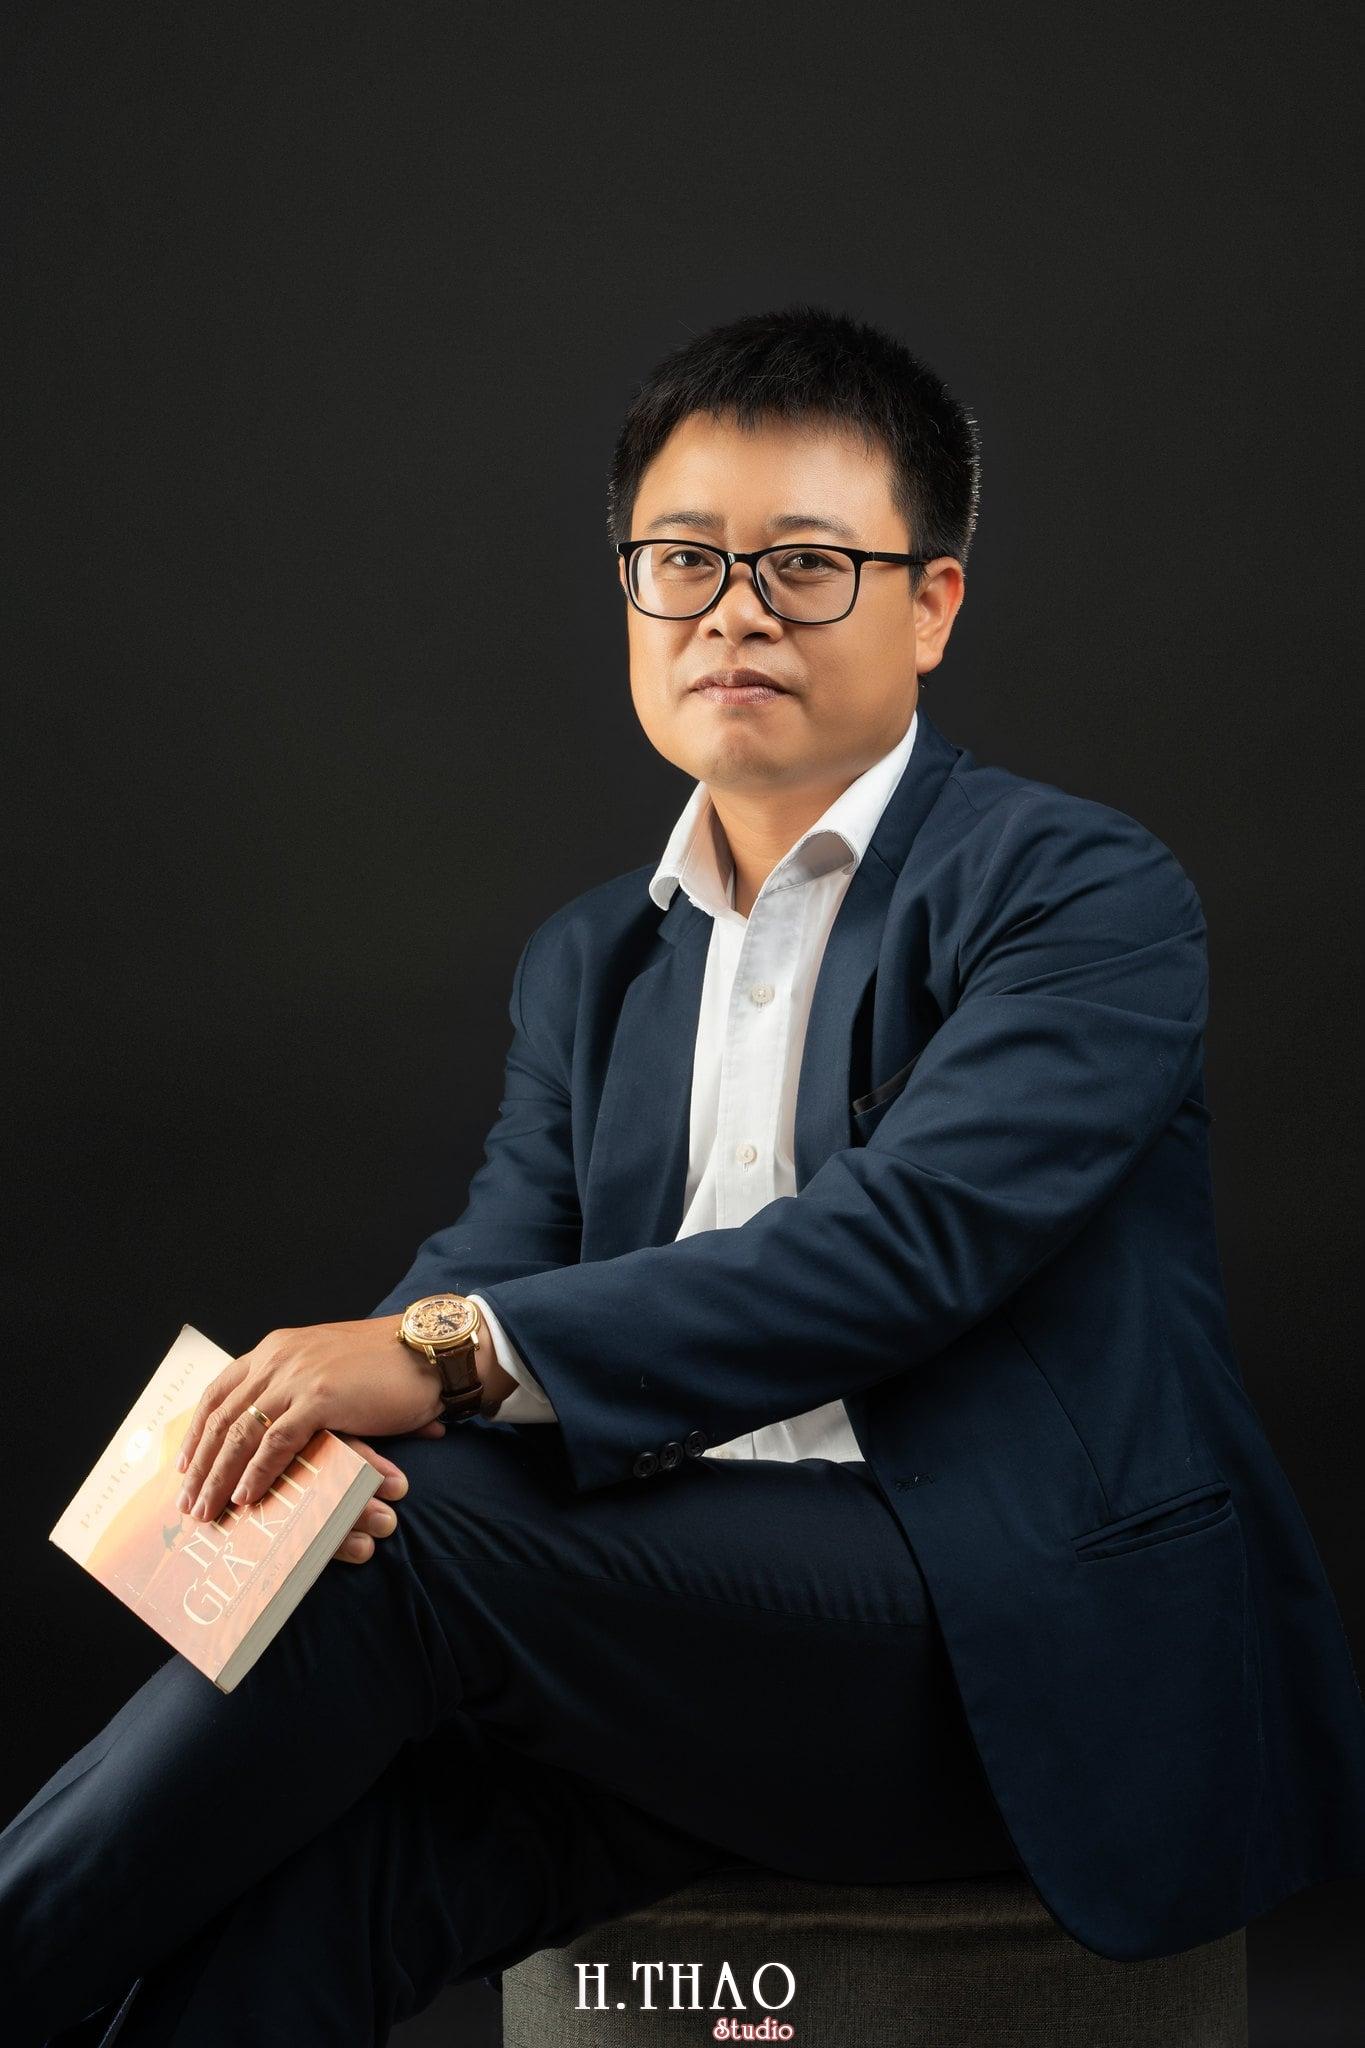 Anh Hoang 2 min - Album ảnh giám đốc Hoàng VIB lịch lãm - HThao Studio